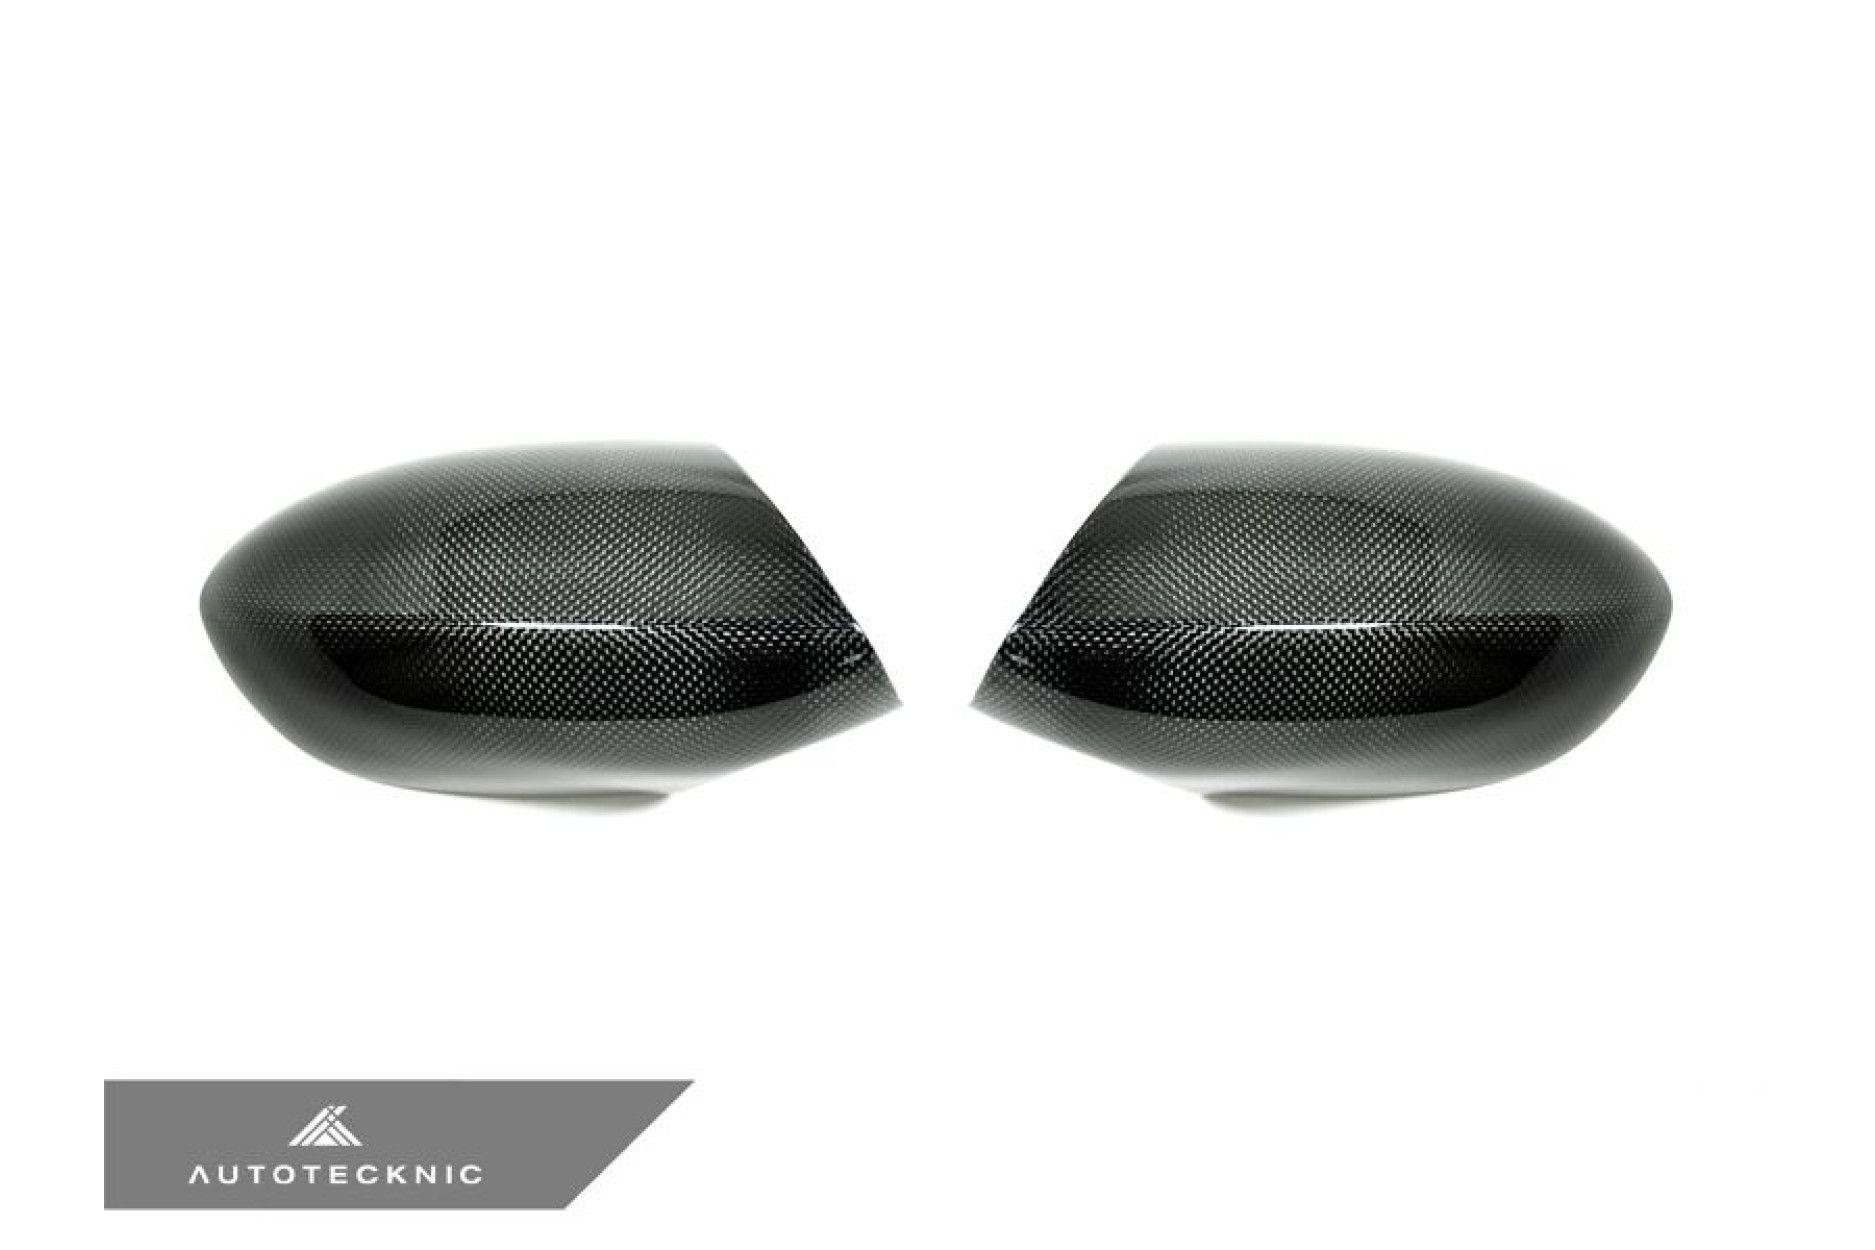 AutoTecknic Carbon Spiegelkappen Austausch - E90 / E92 / E93 und E82 M3 1M (2 lbs)